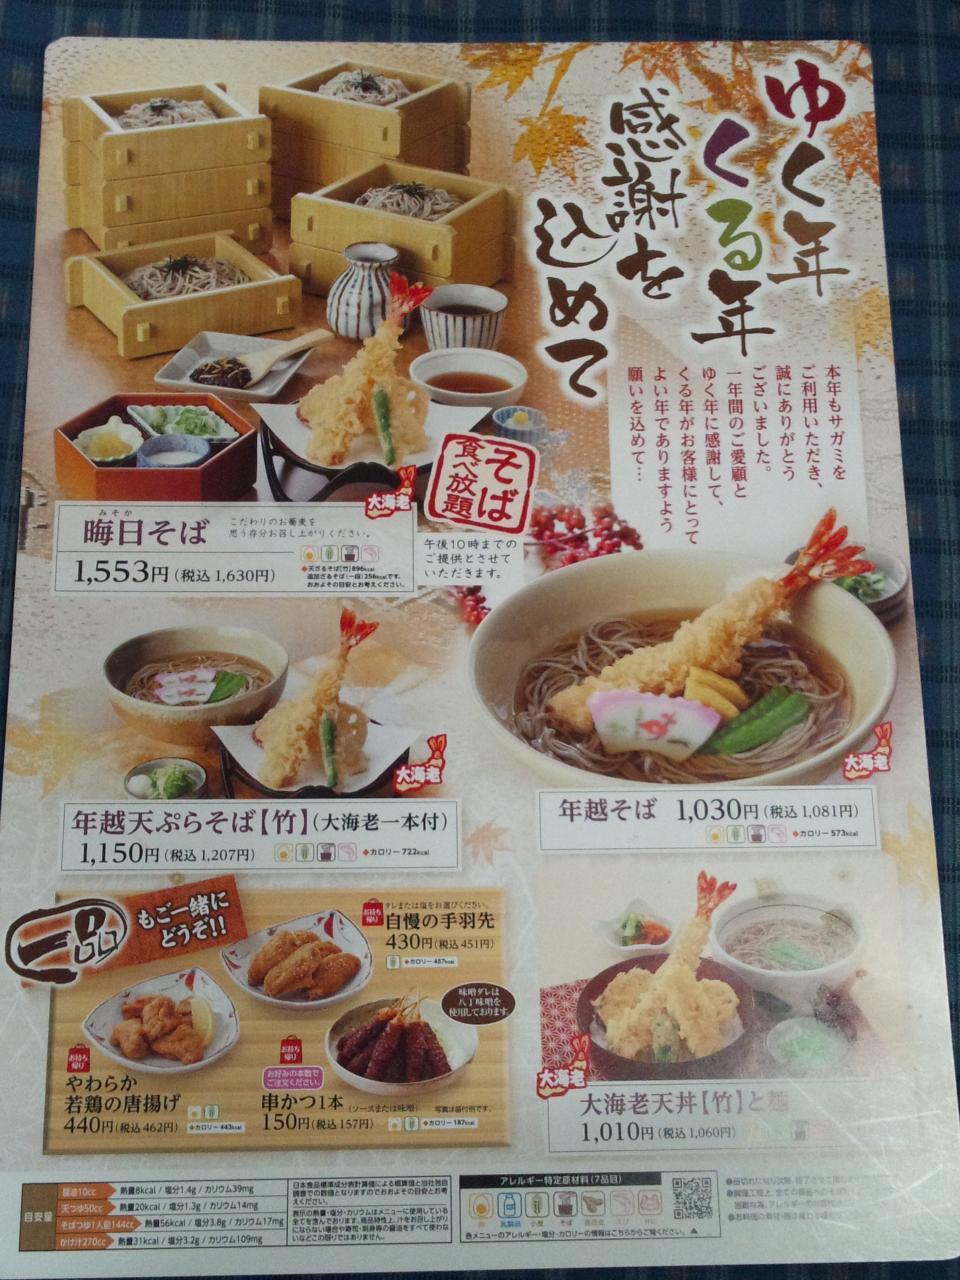 サガミ川崎宮前店(メニュー)